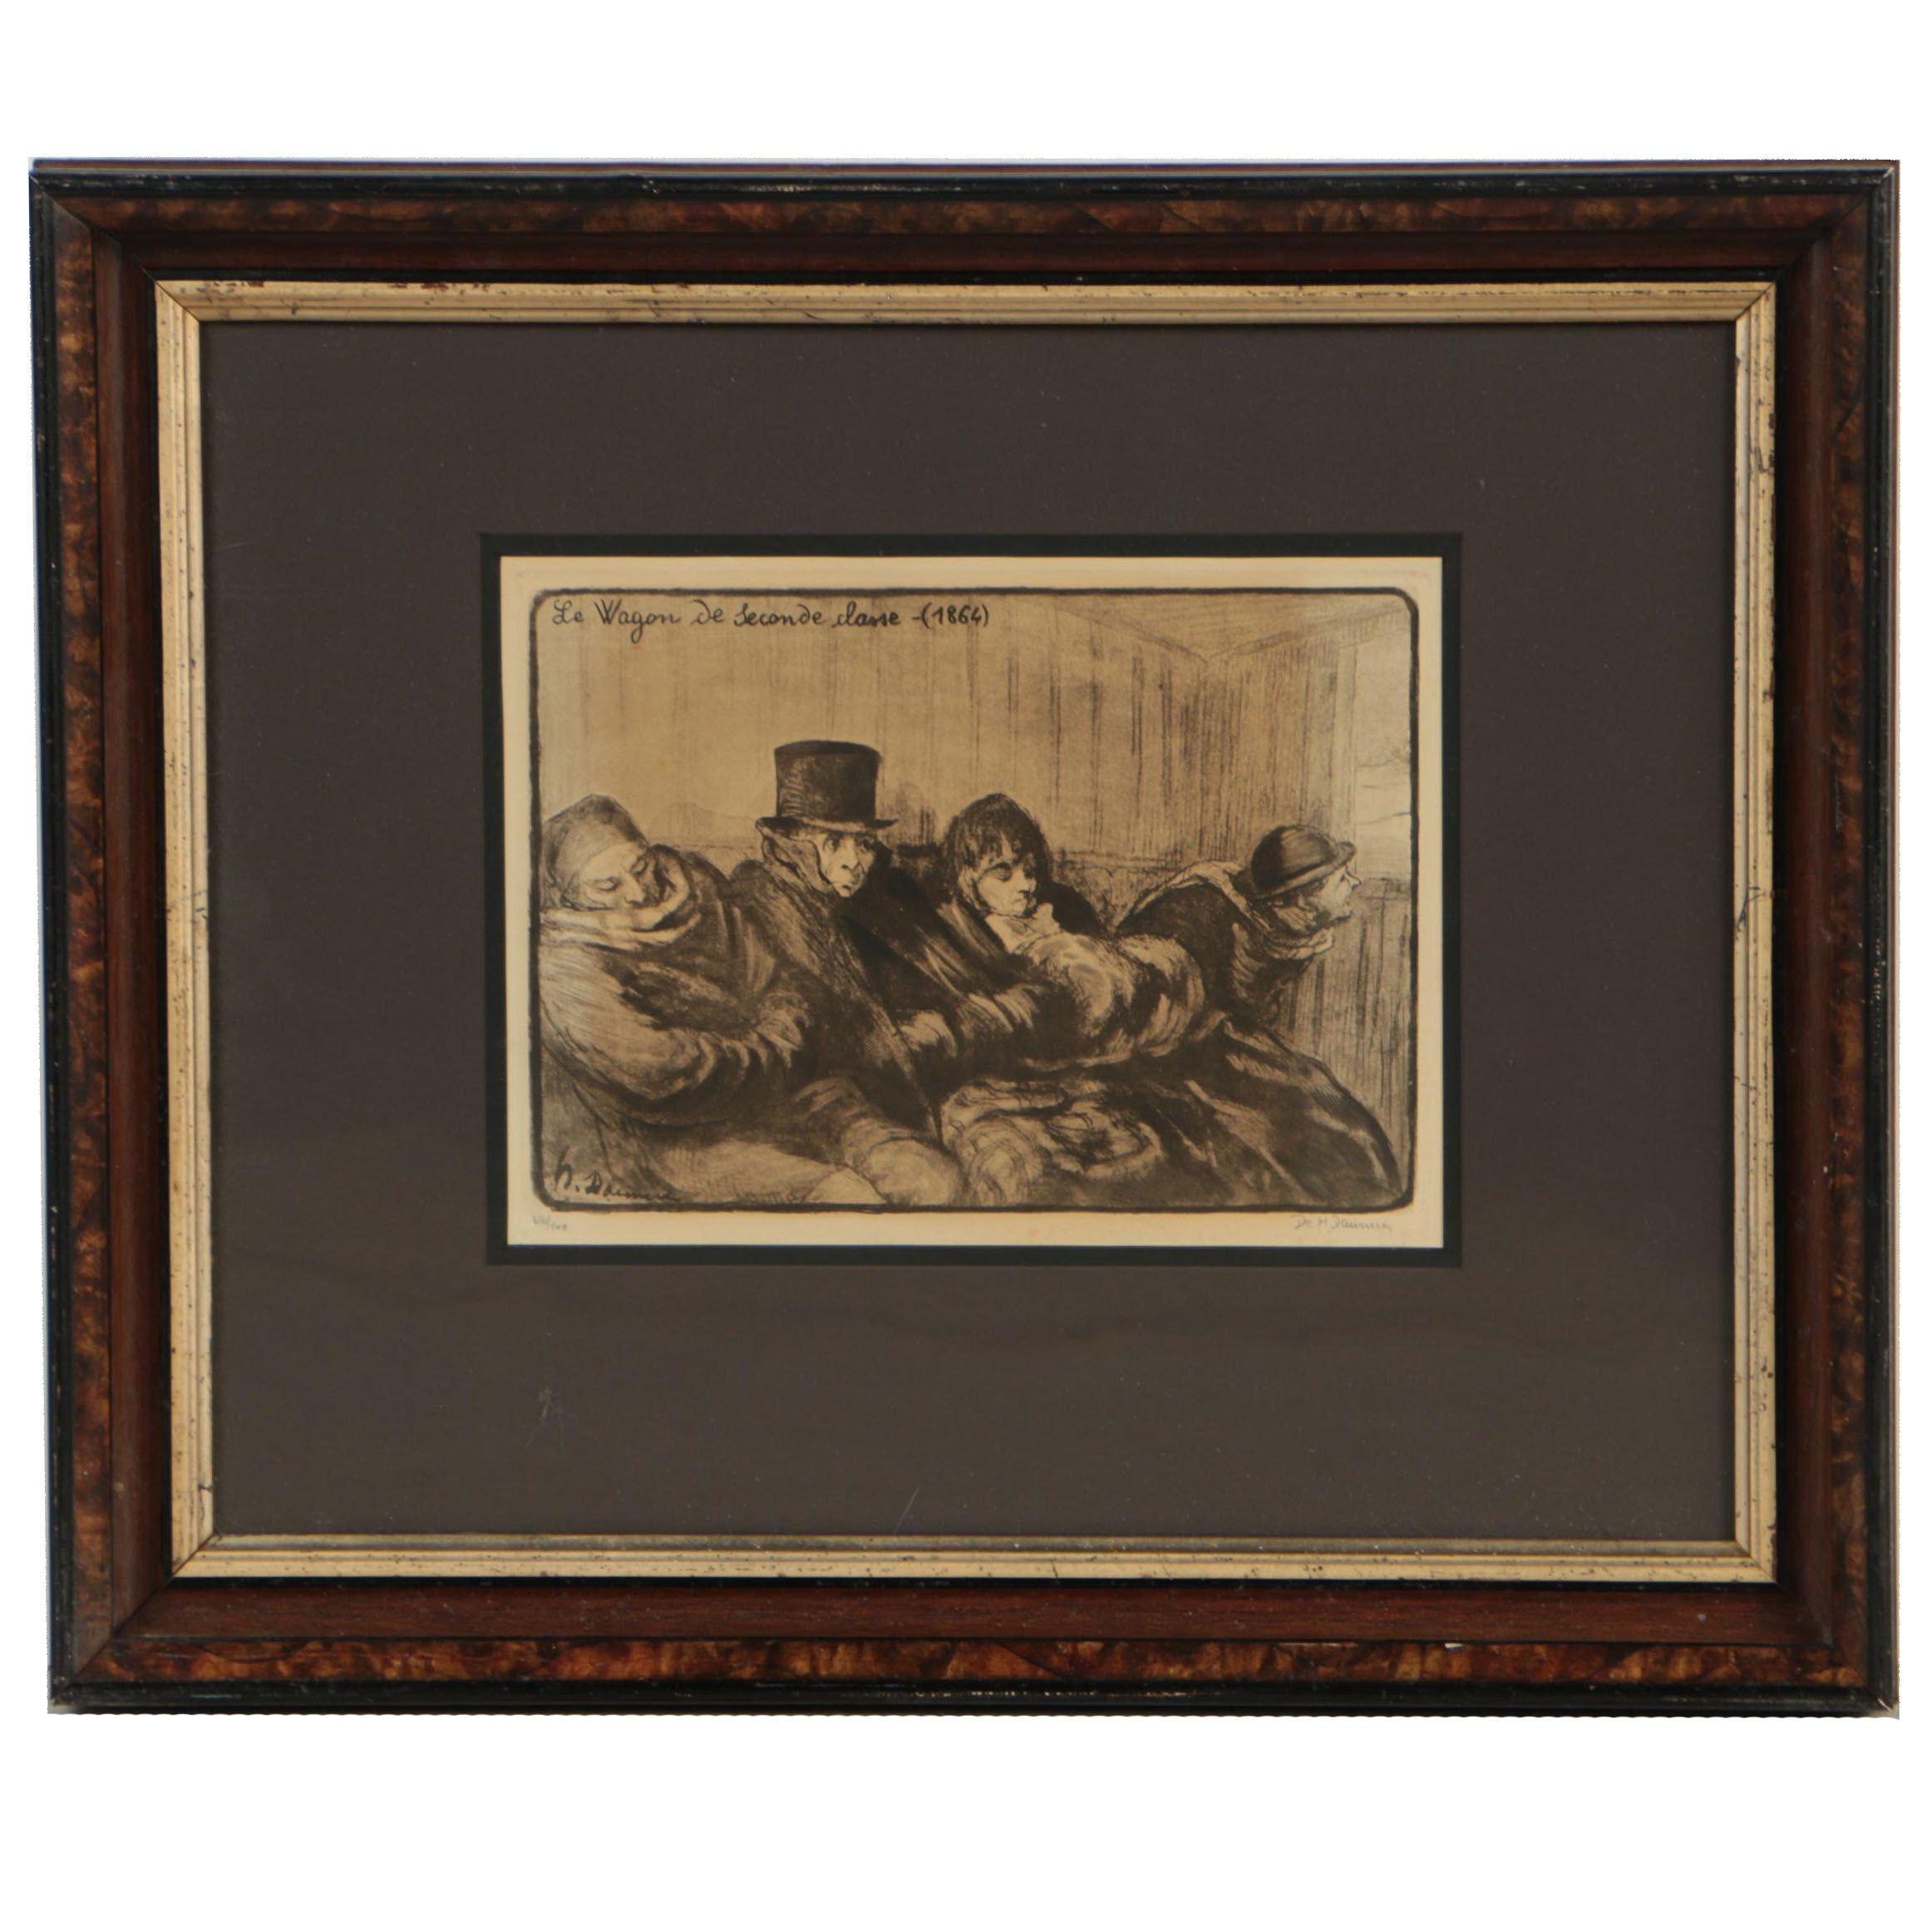 """Lithograph after Honoré Daumier """"Le Wagon de Seconde Classe (1864)"""""""